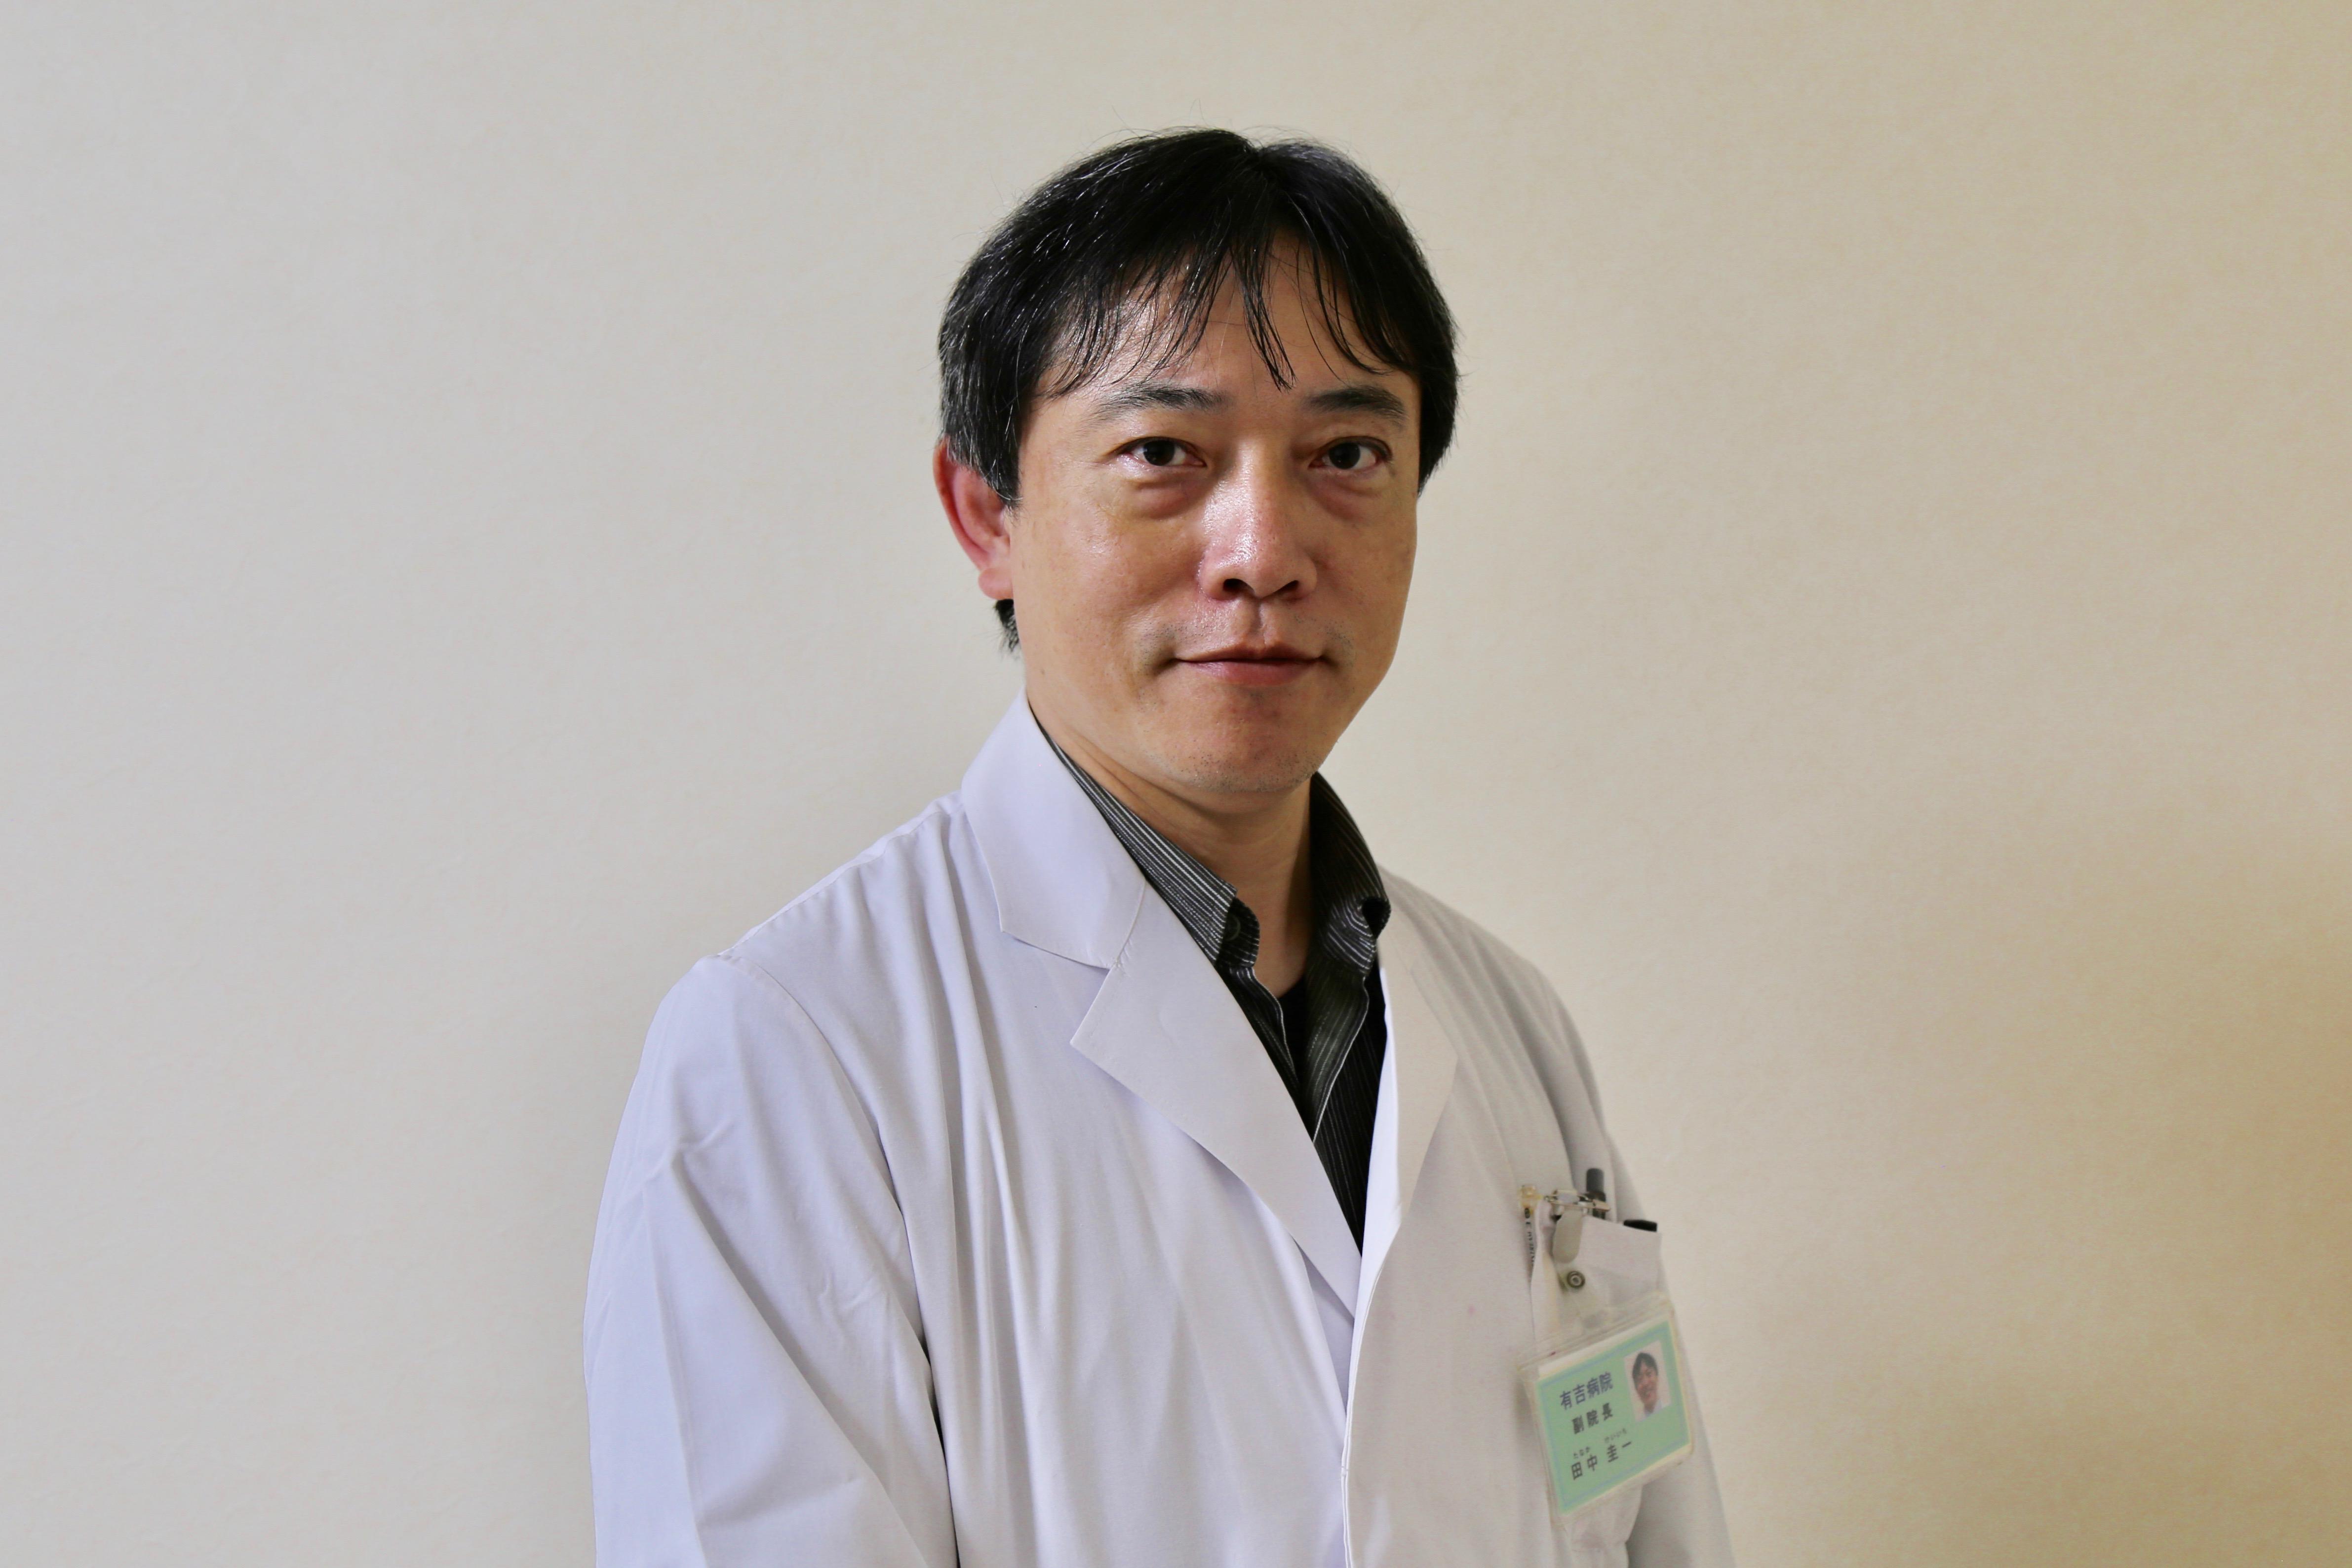 """地域の""""よろず相談所""""たる有吉病院を受け継ぎ、これからも人々を支えたい――田中 圭一先生の思い"""